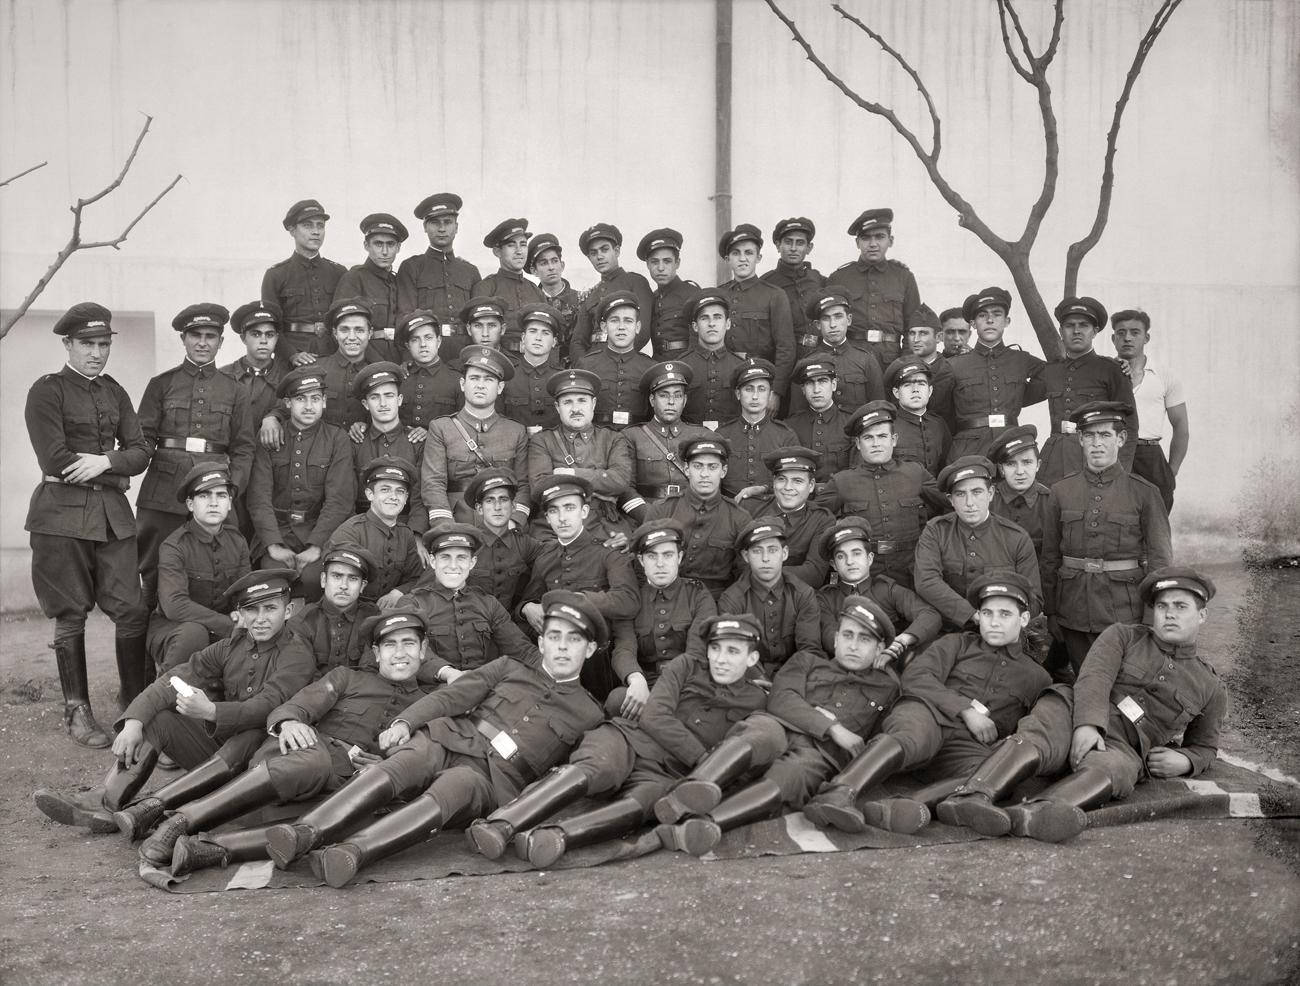 Regimiento de Infantería de Ceuta, 1924<br/>Gelatina de plata / Silver gelatin